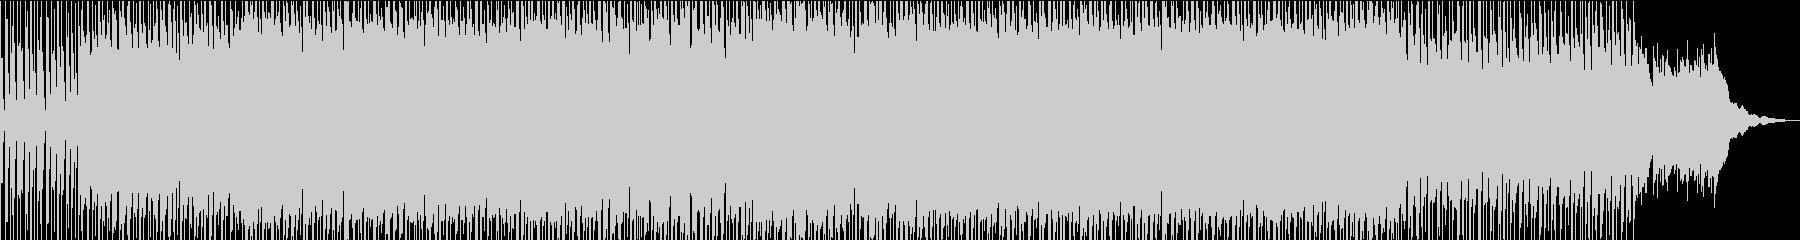 ノスタルジックなアイリッシュケルト風音楽の未再生の波形